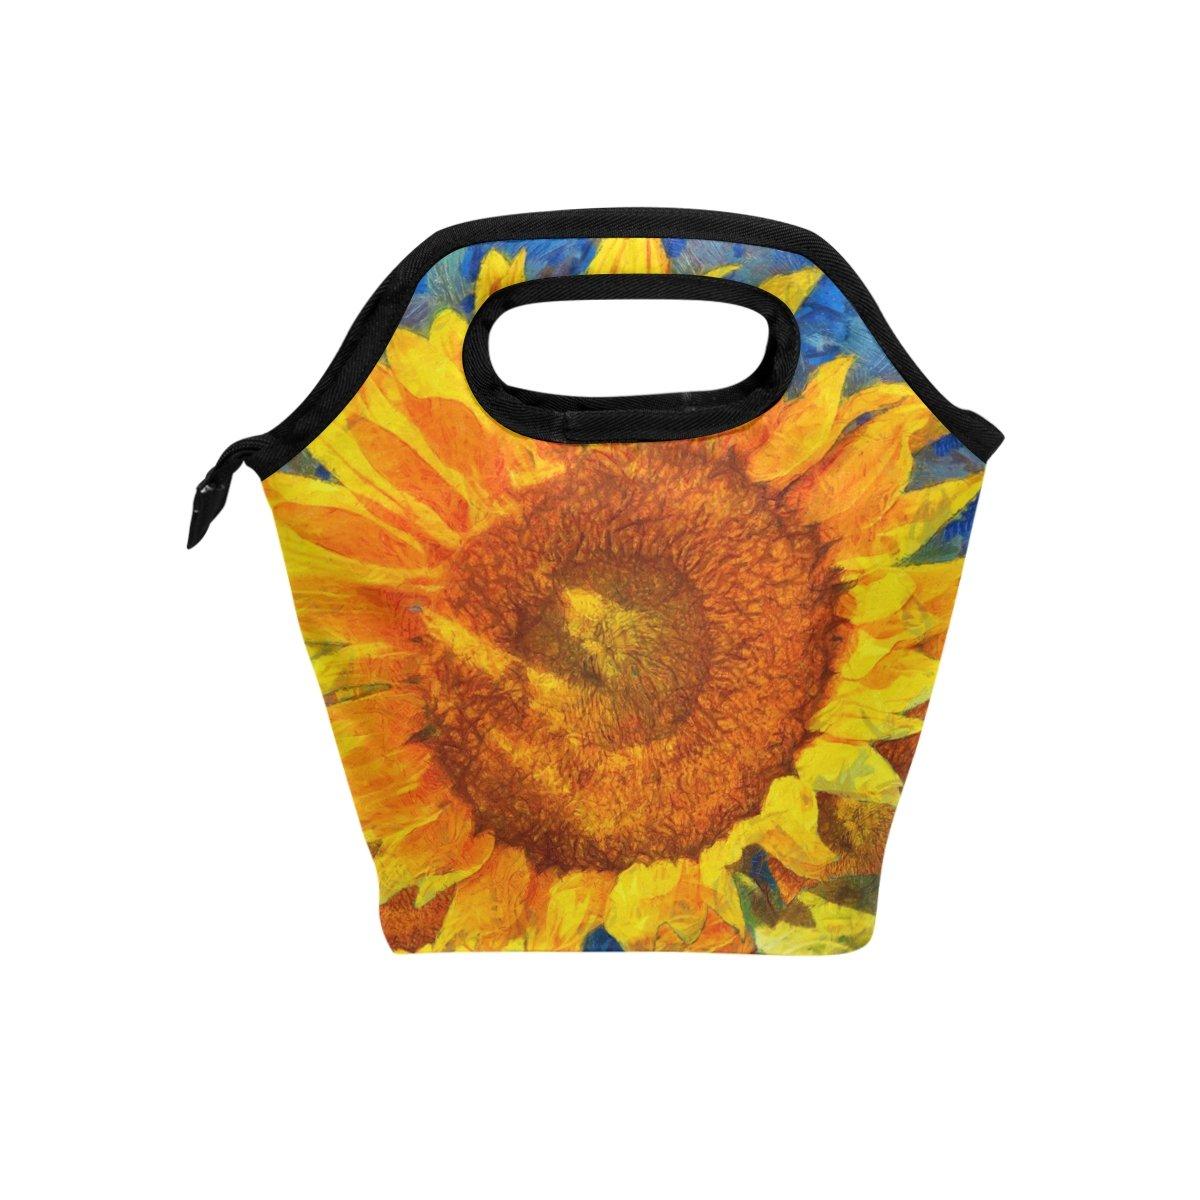 JSTEL - Bolsa de almuerzo estilo Van Gogh con diseño de girasoles